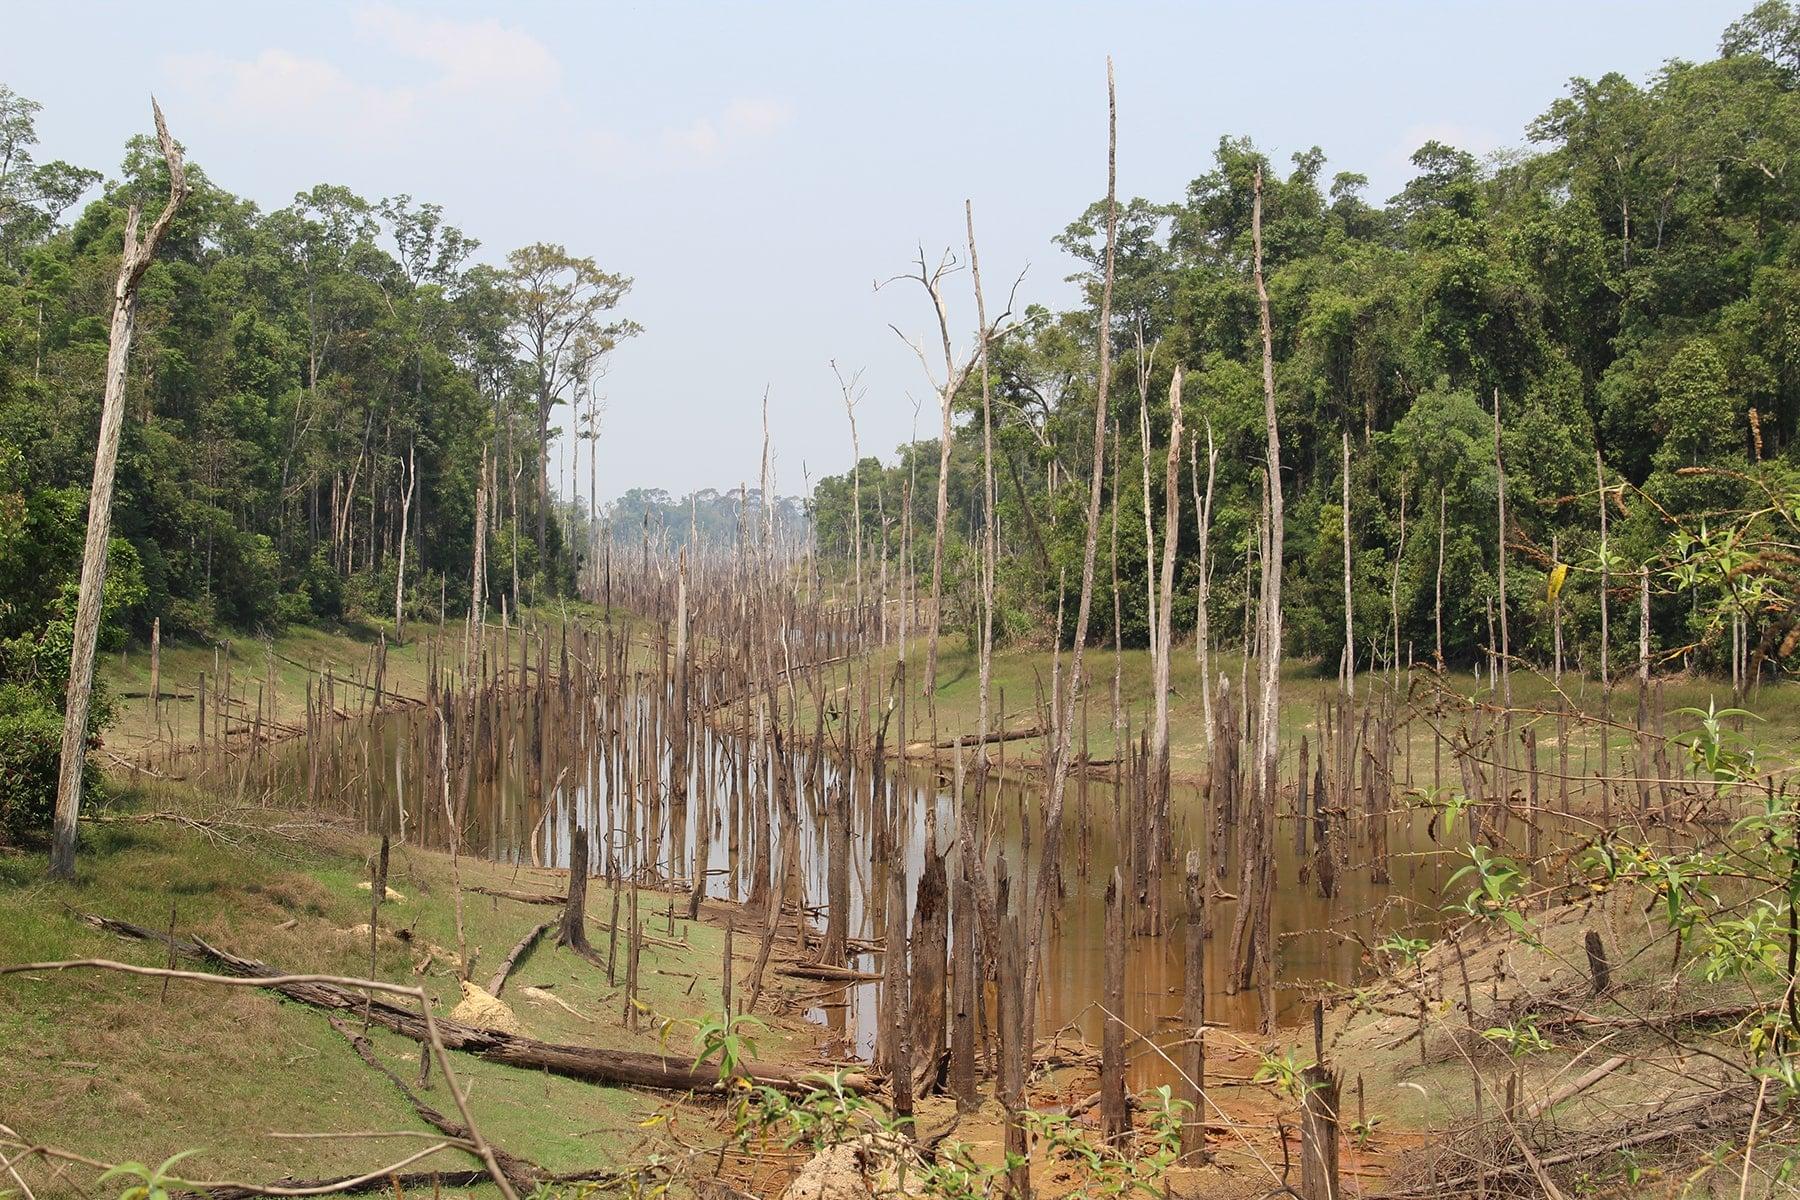 Alcuni alberi morti nel letto di un fiume